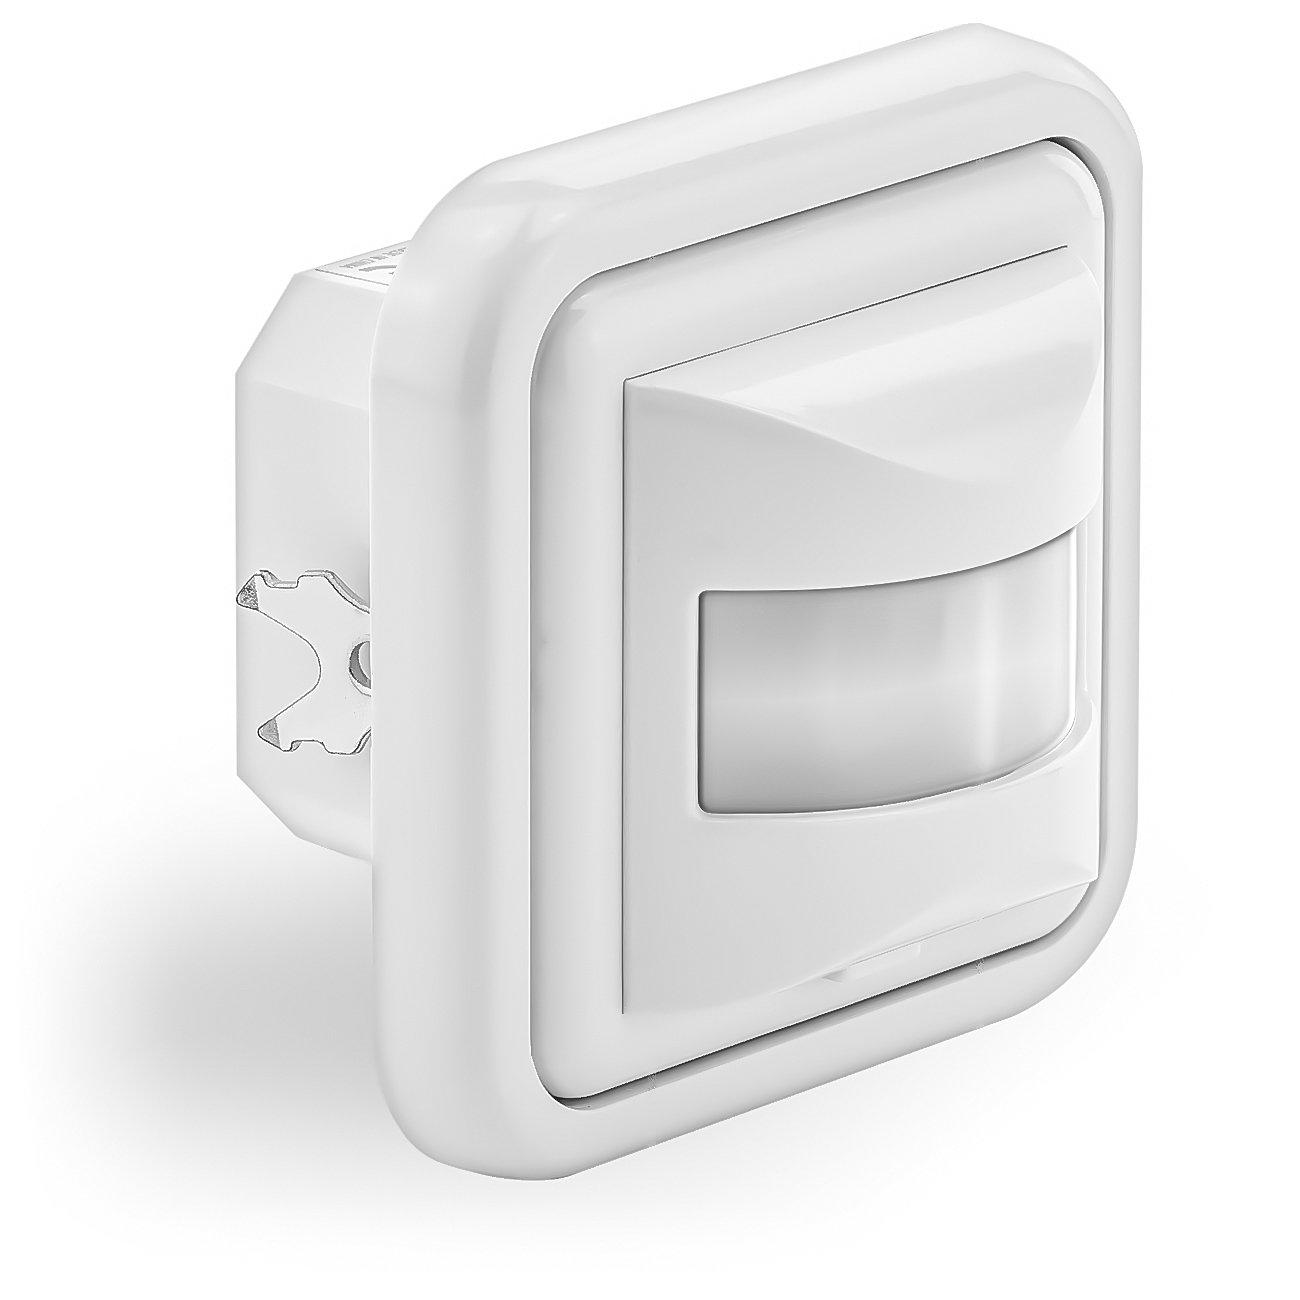 deleyCON Infrarot Bewegungsmelder Unterputz Wandmontage Innenbereich Lichtsteuerung 160° Arbeitsfeld 9m Reichweite eingebauter Lichtsensor Weiß MK897